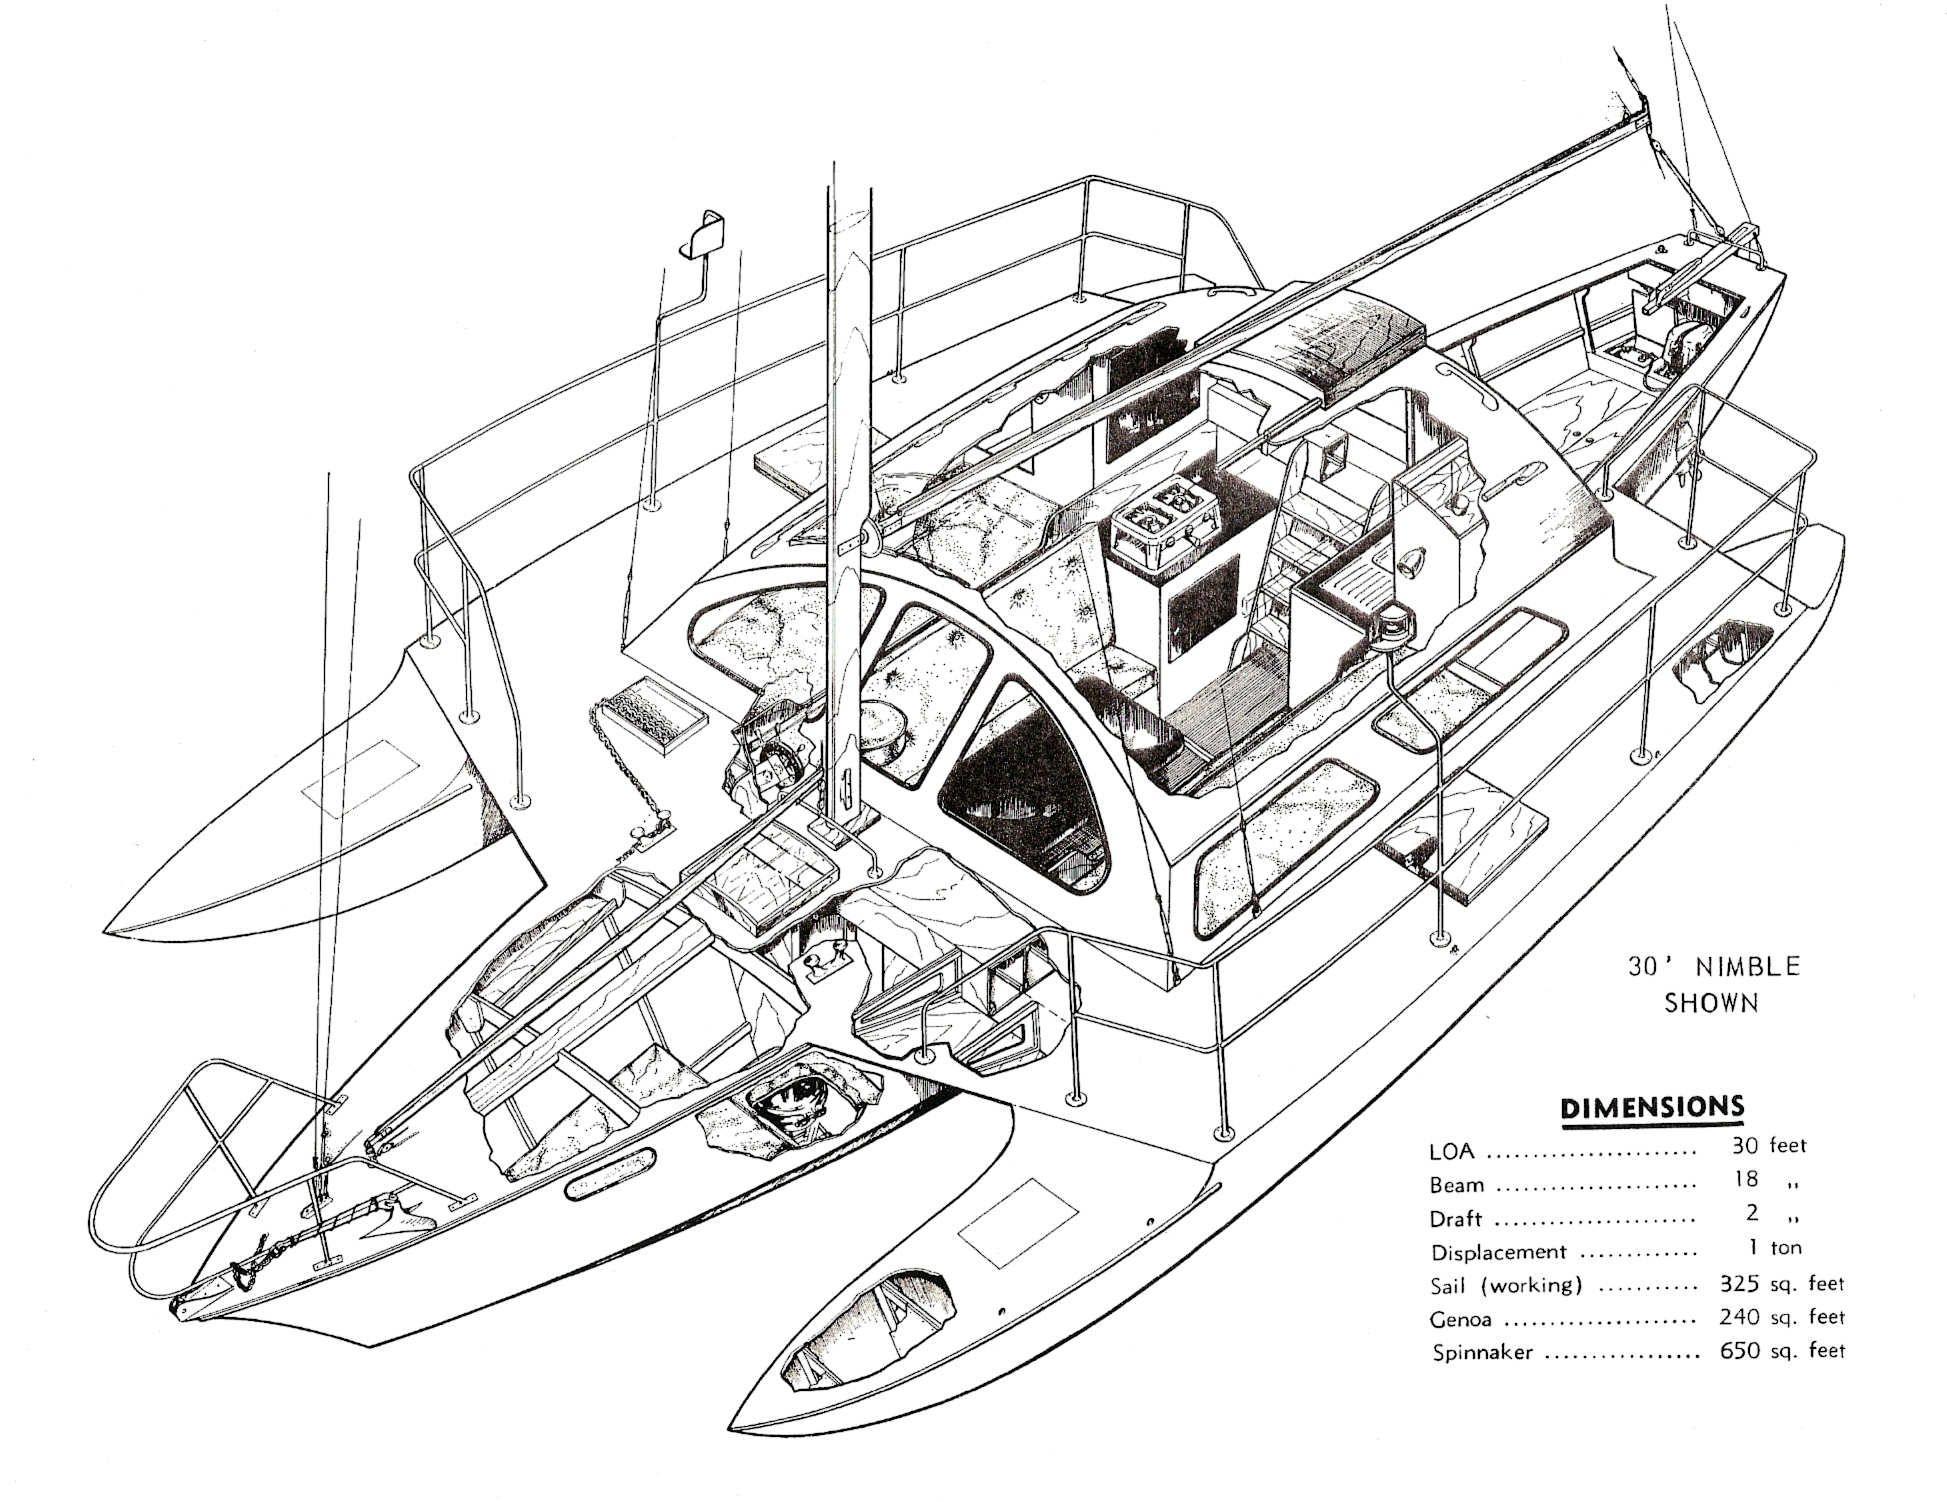 Searunner Plywood Trimaran Design Pdf